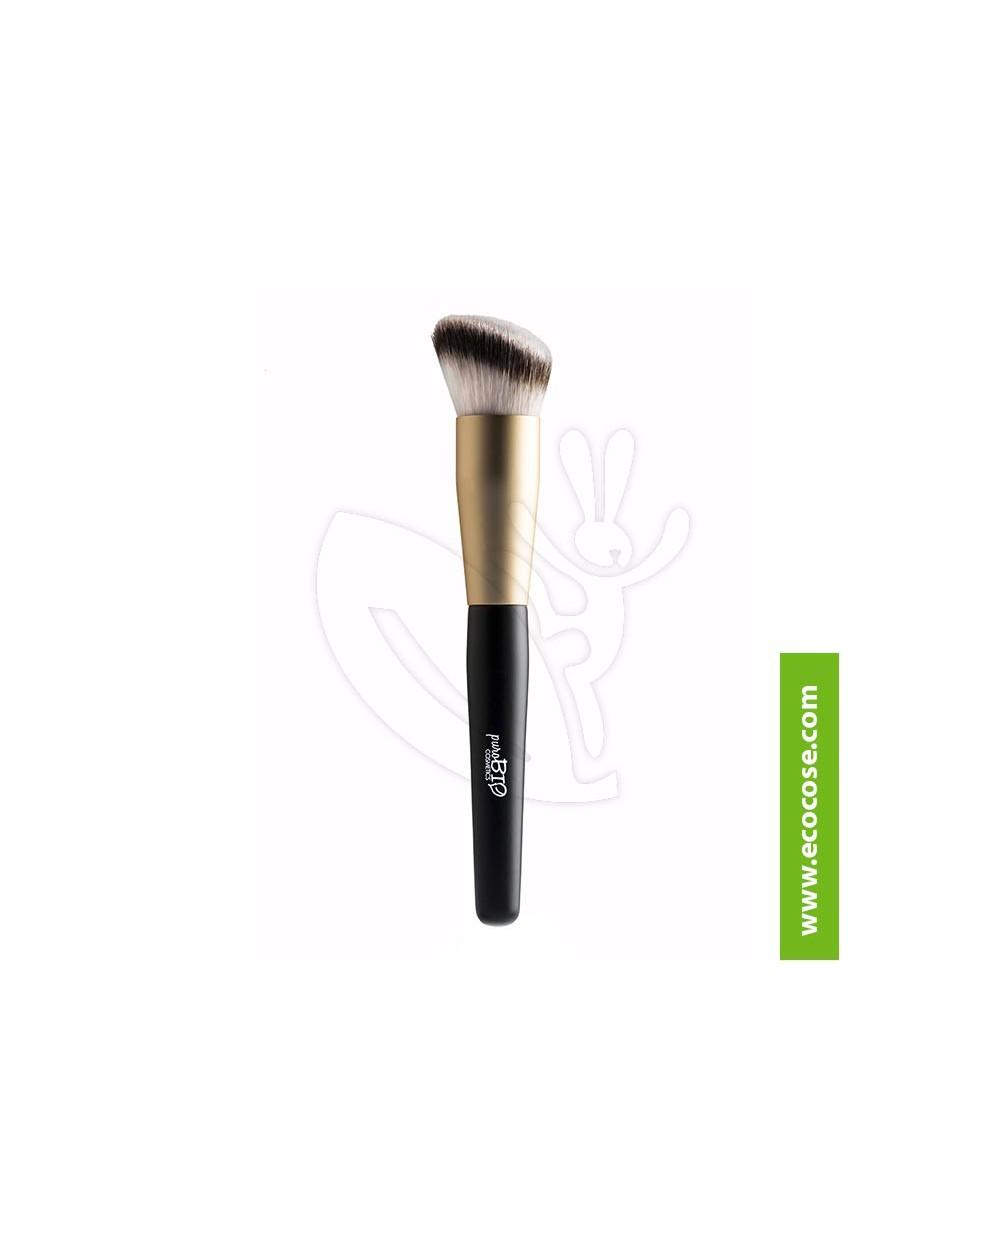 PuroBIO Cosmetics - Pennello 11 Sculpting angled Blush